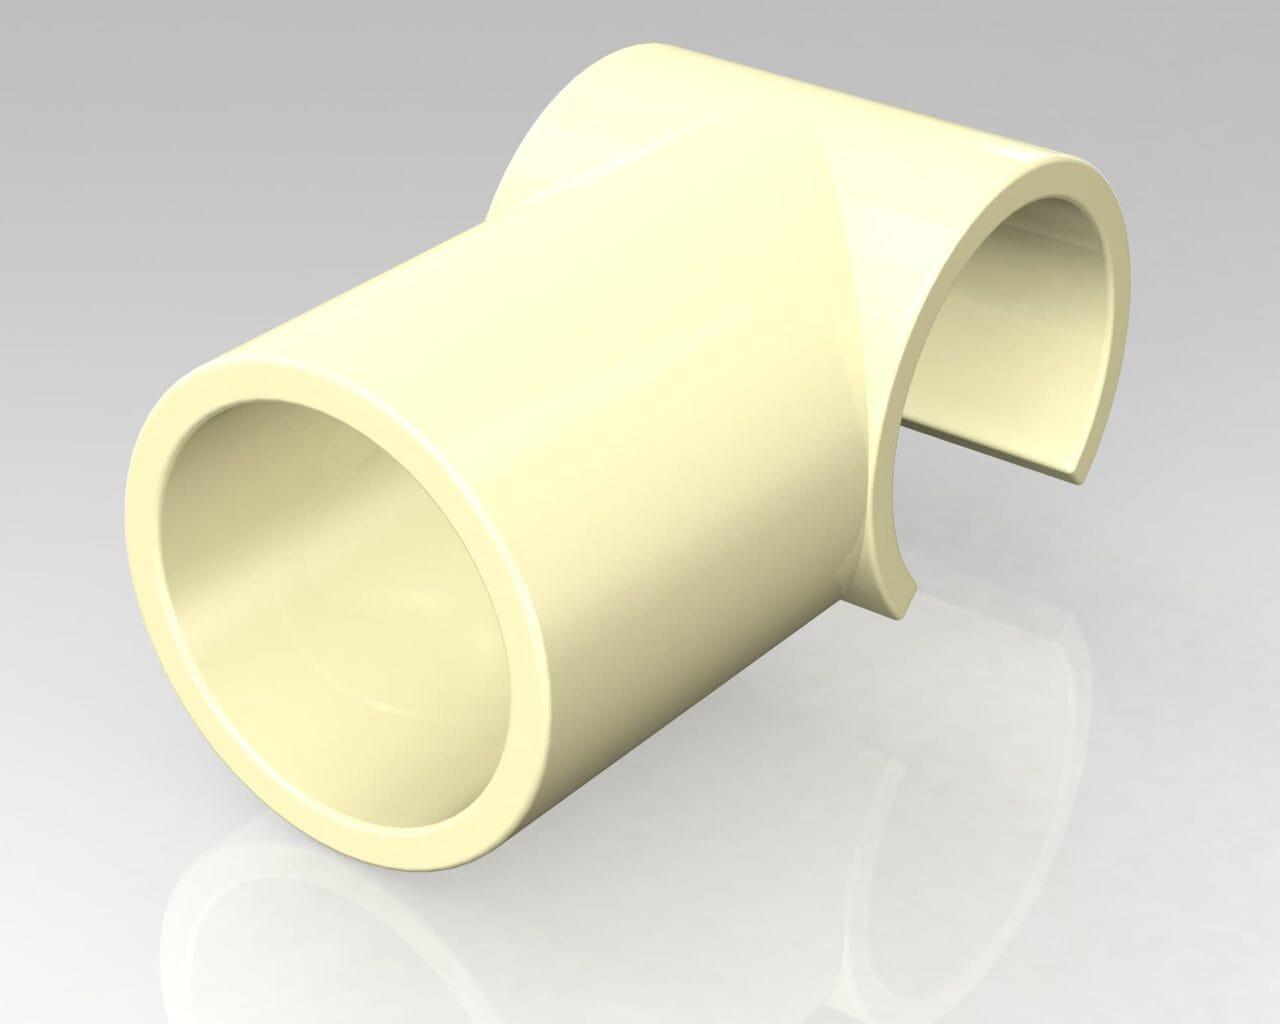 PEK3 Easytube Plastic Accessories GAP-20